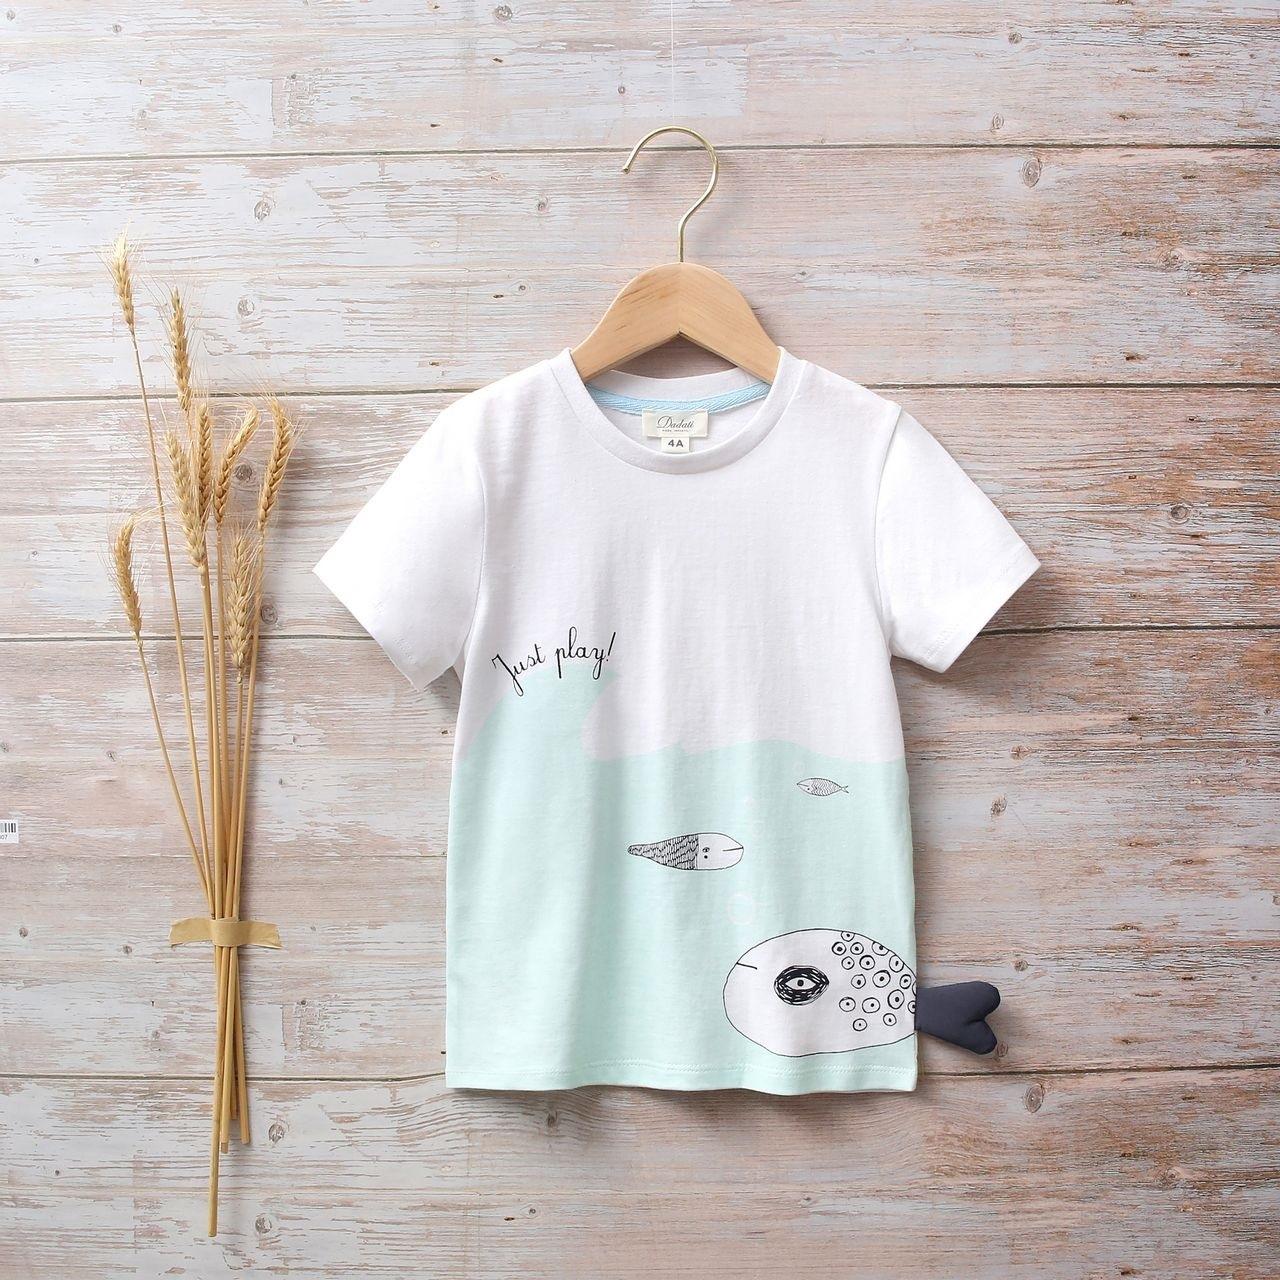 Picture of Camiseta blanca y azul unisex junior con estampado de pez en lateral